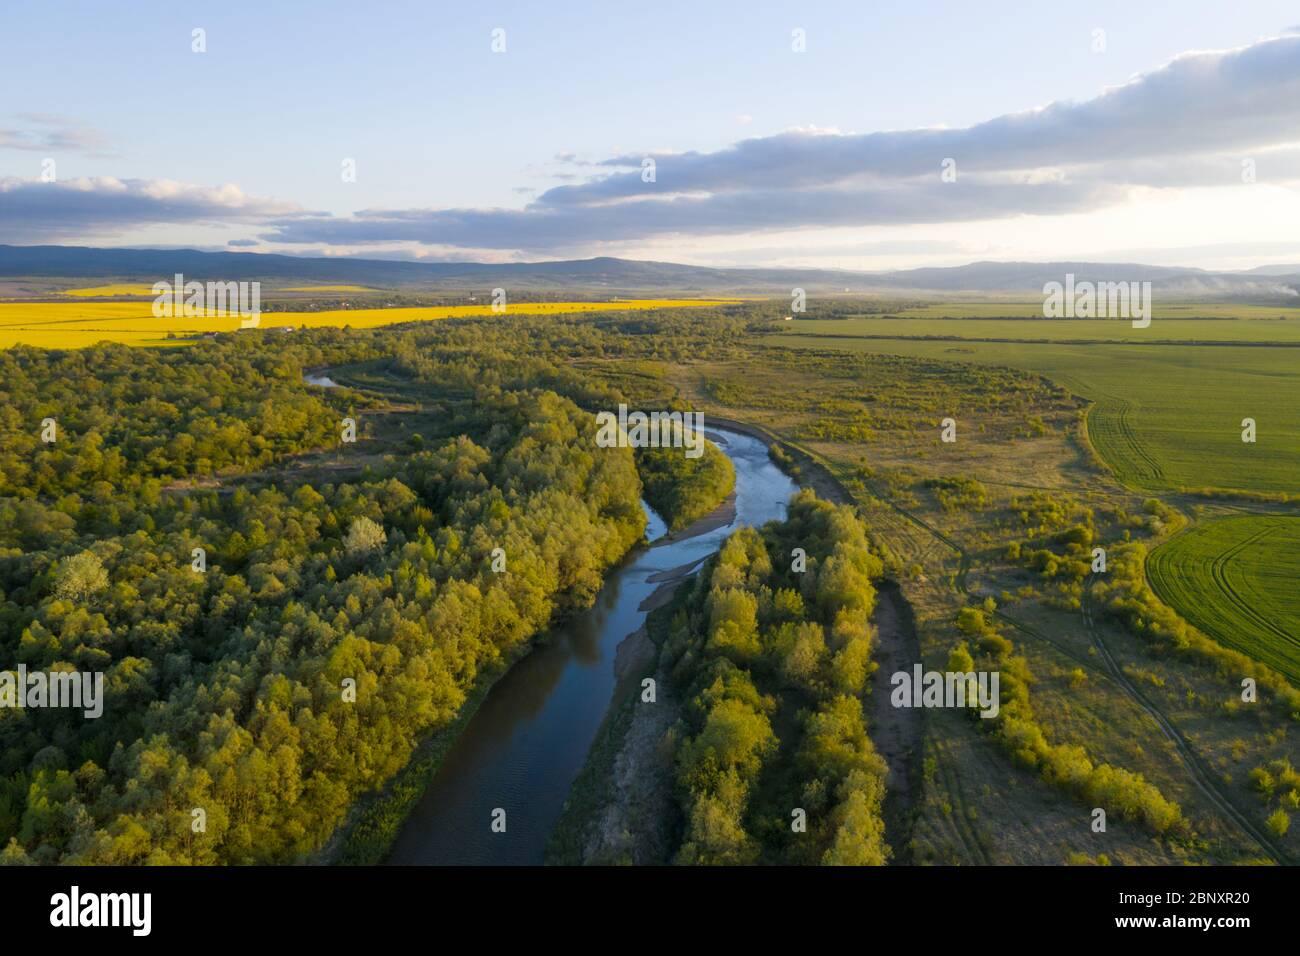 Vuelo a través del majestuoso río Dnister, el exuberante bosque verde y los florecientes campos de colza amarilla al atardecer. Ucrania, Europa. Fotografía de paisajes Foto de stock